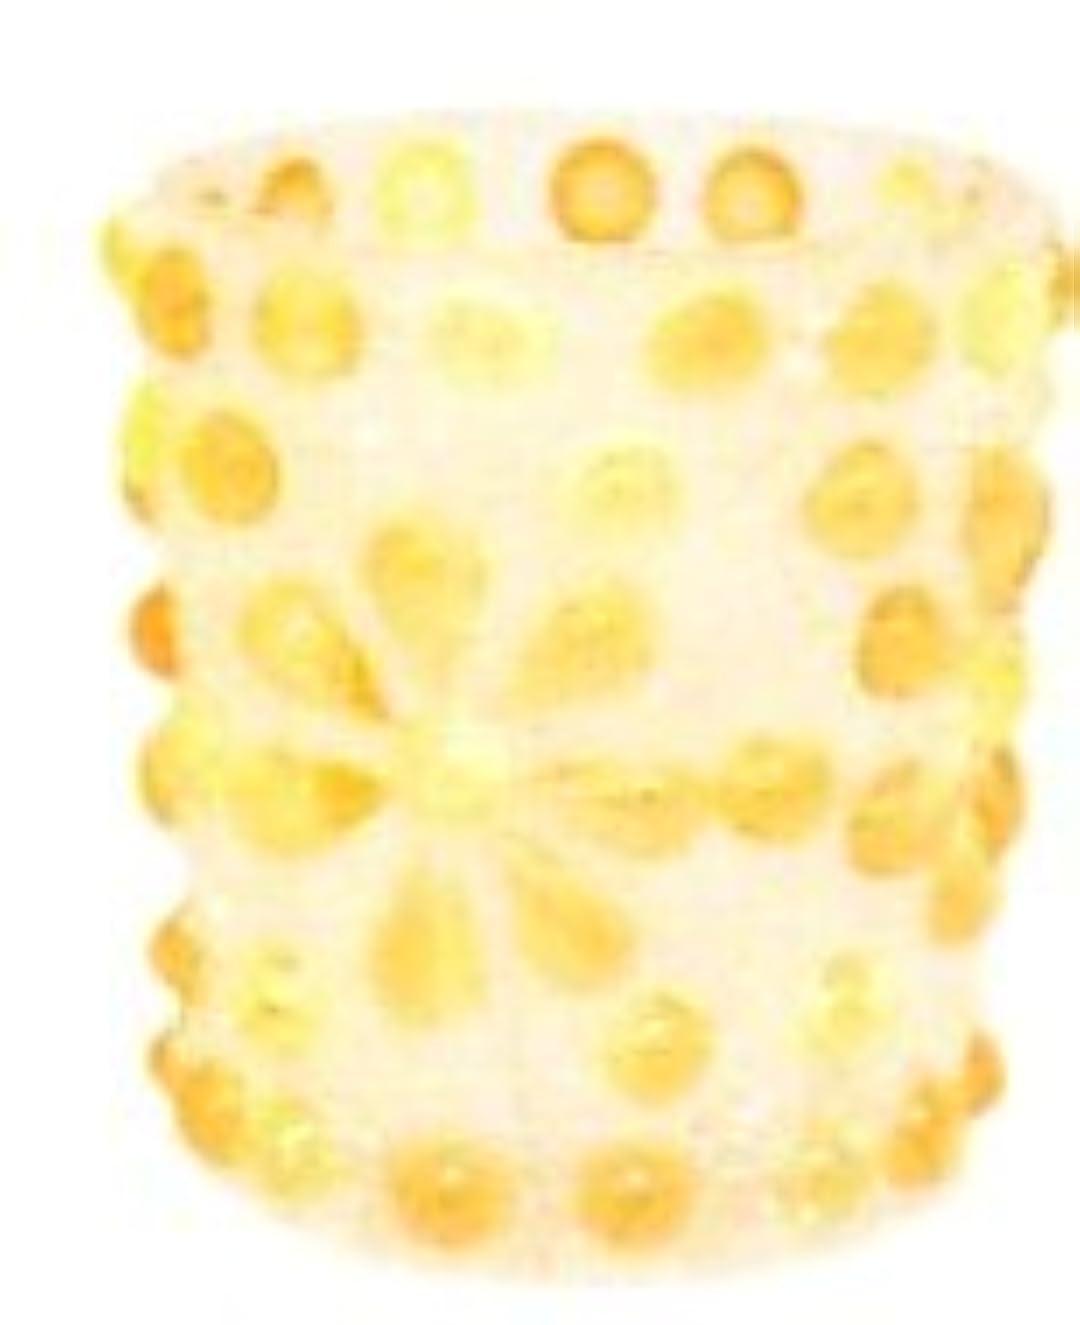 ノミネート重々しいマーカーつぶつぶフラワーキャンドルホルダー オレンジ